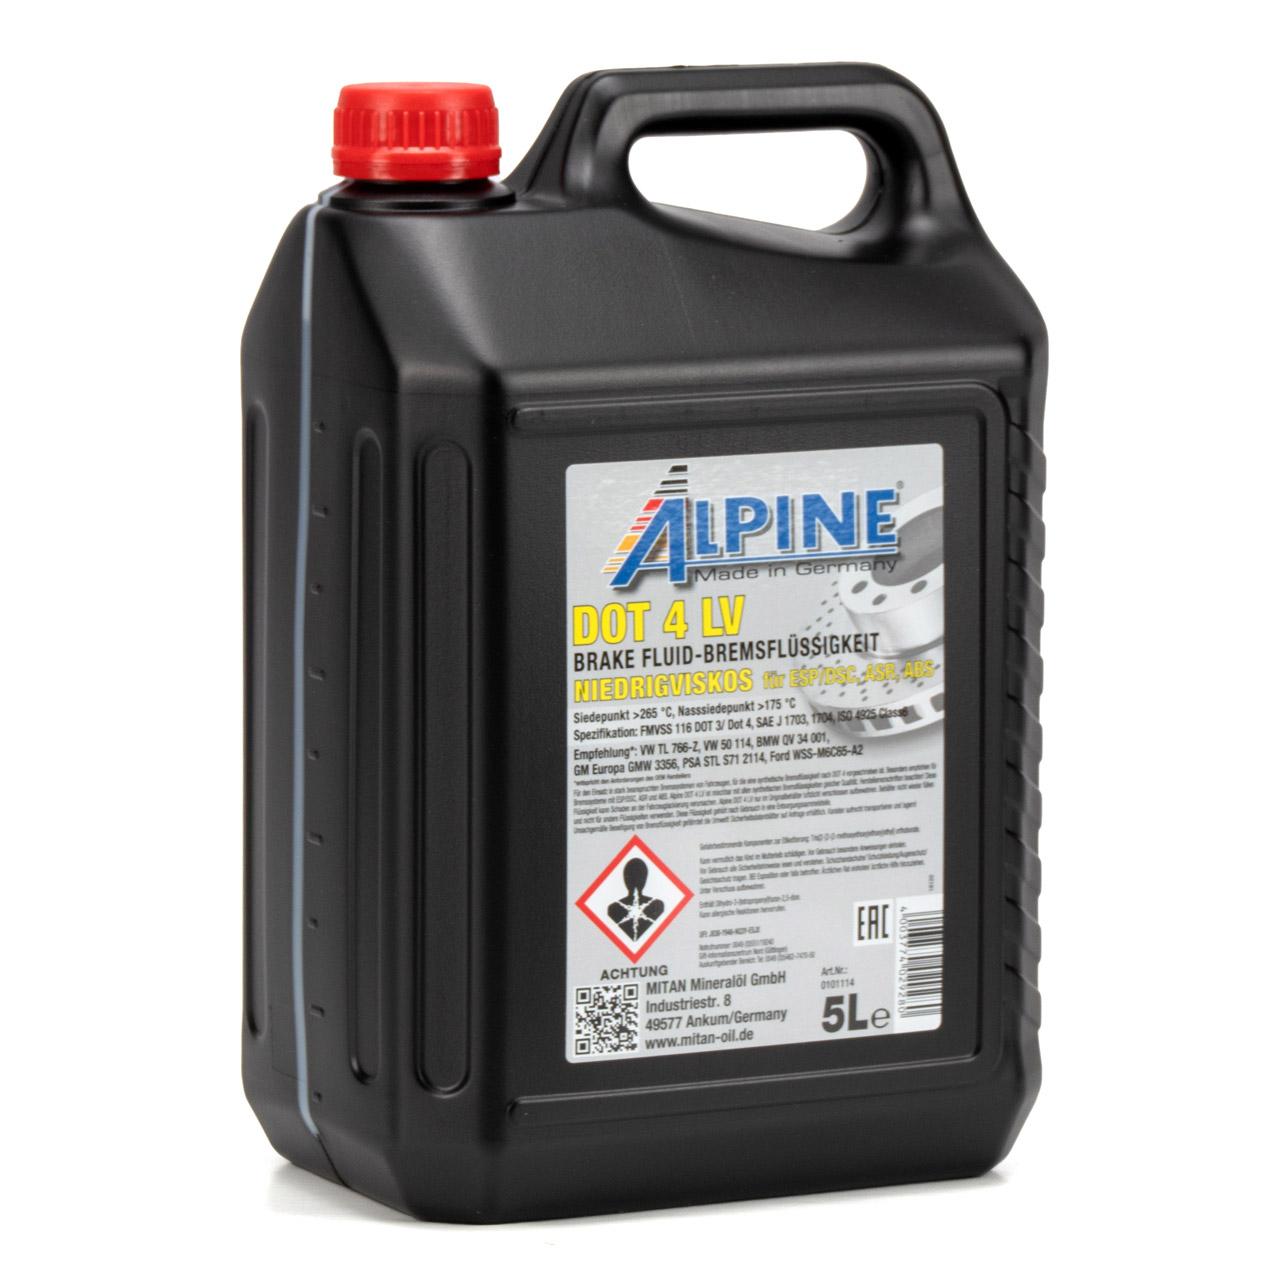 ALPINE 0101114 Bremsflüssigkeit DOT 4 LV FMVSS 116 DOT 3/DOT4 - 5L 5 Liter